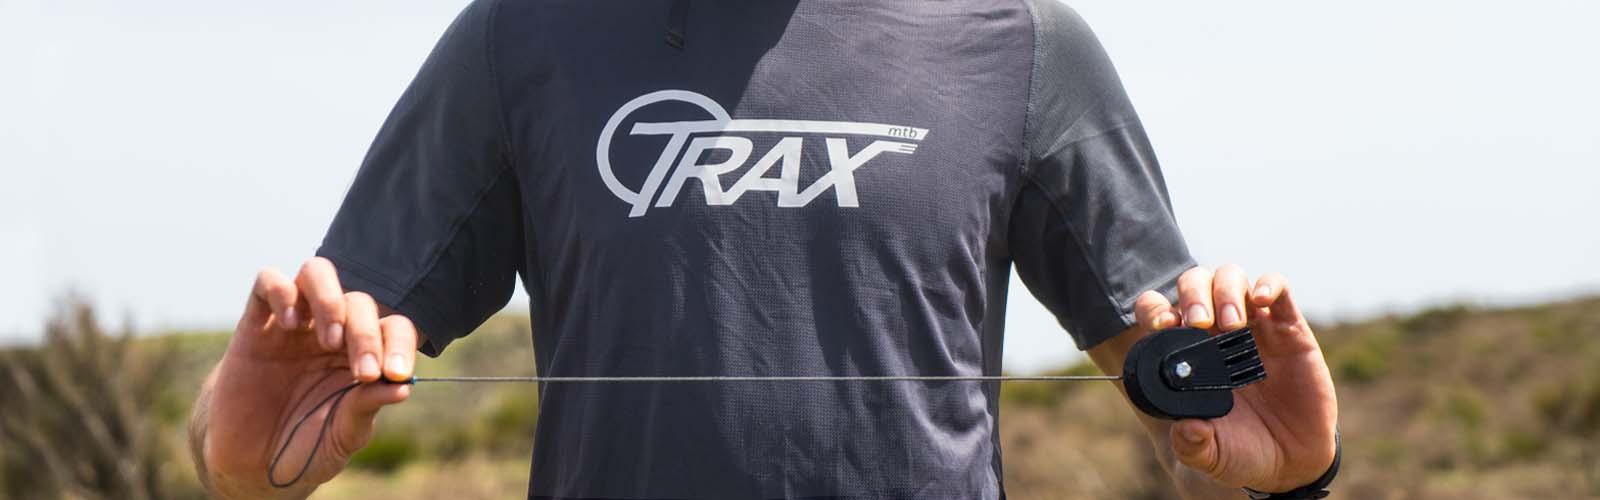 TRAX MTB SLIDER 5